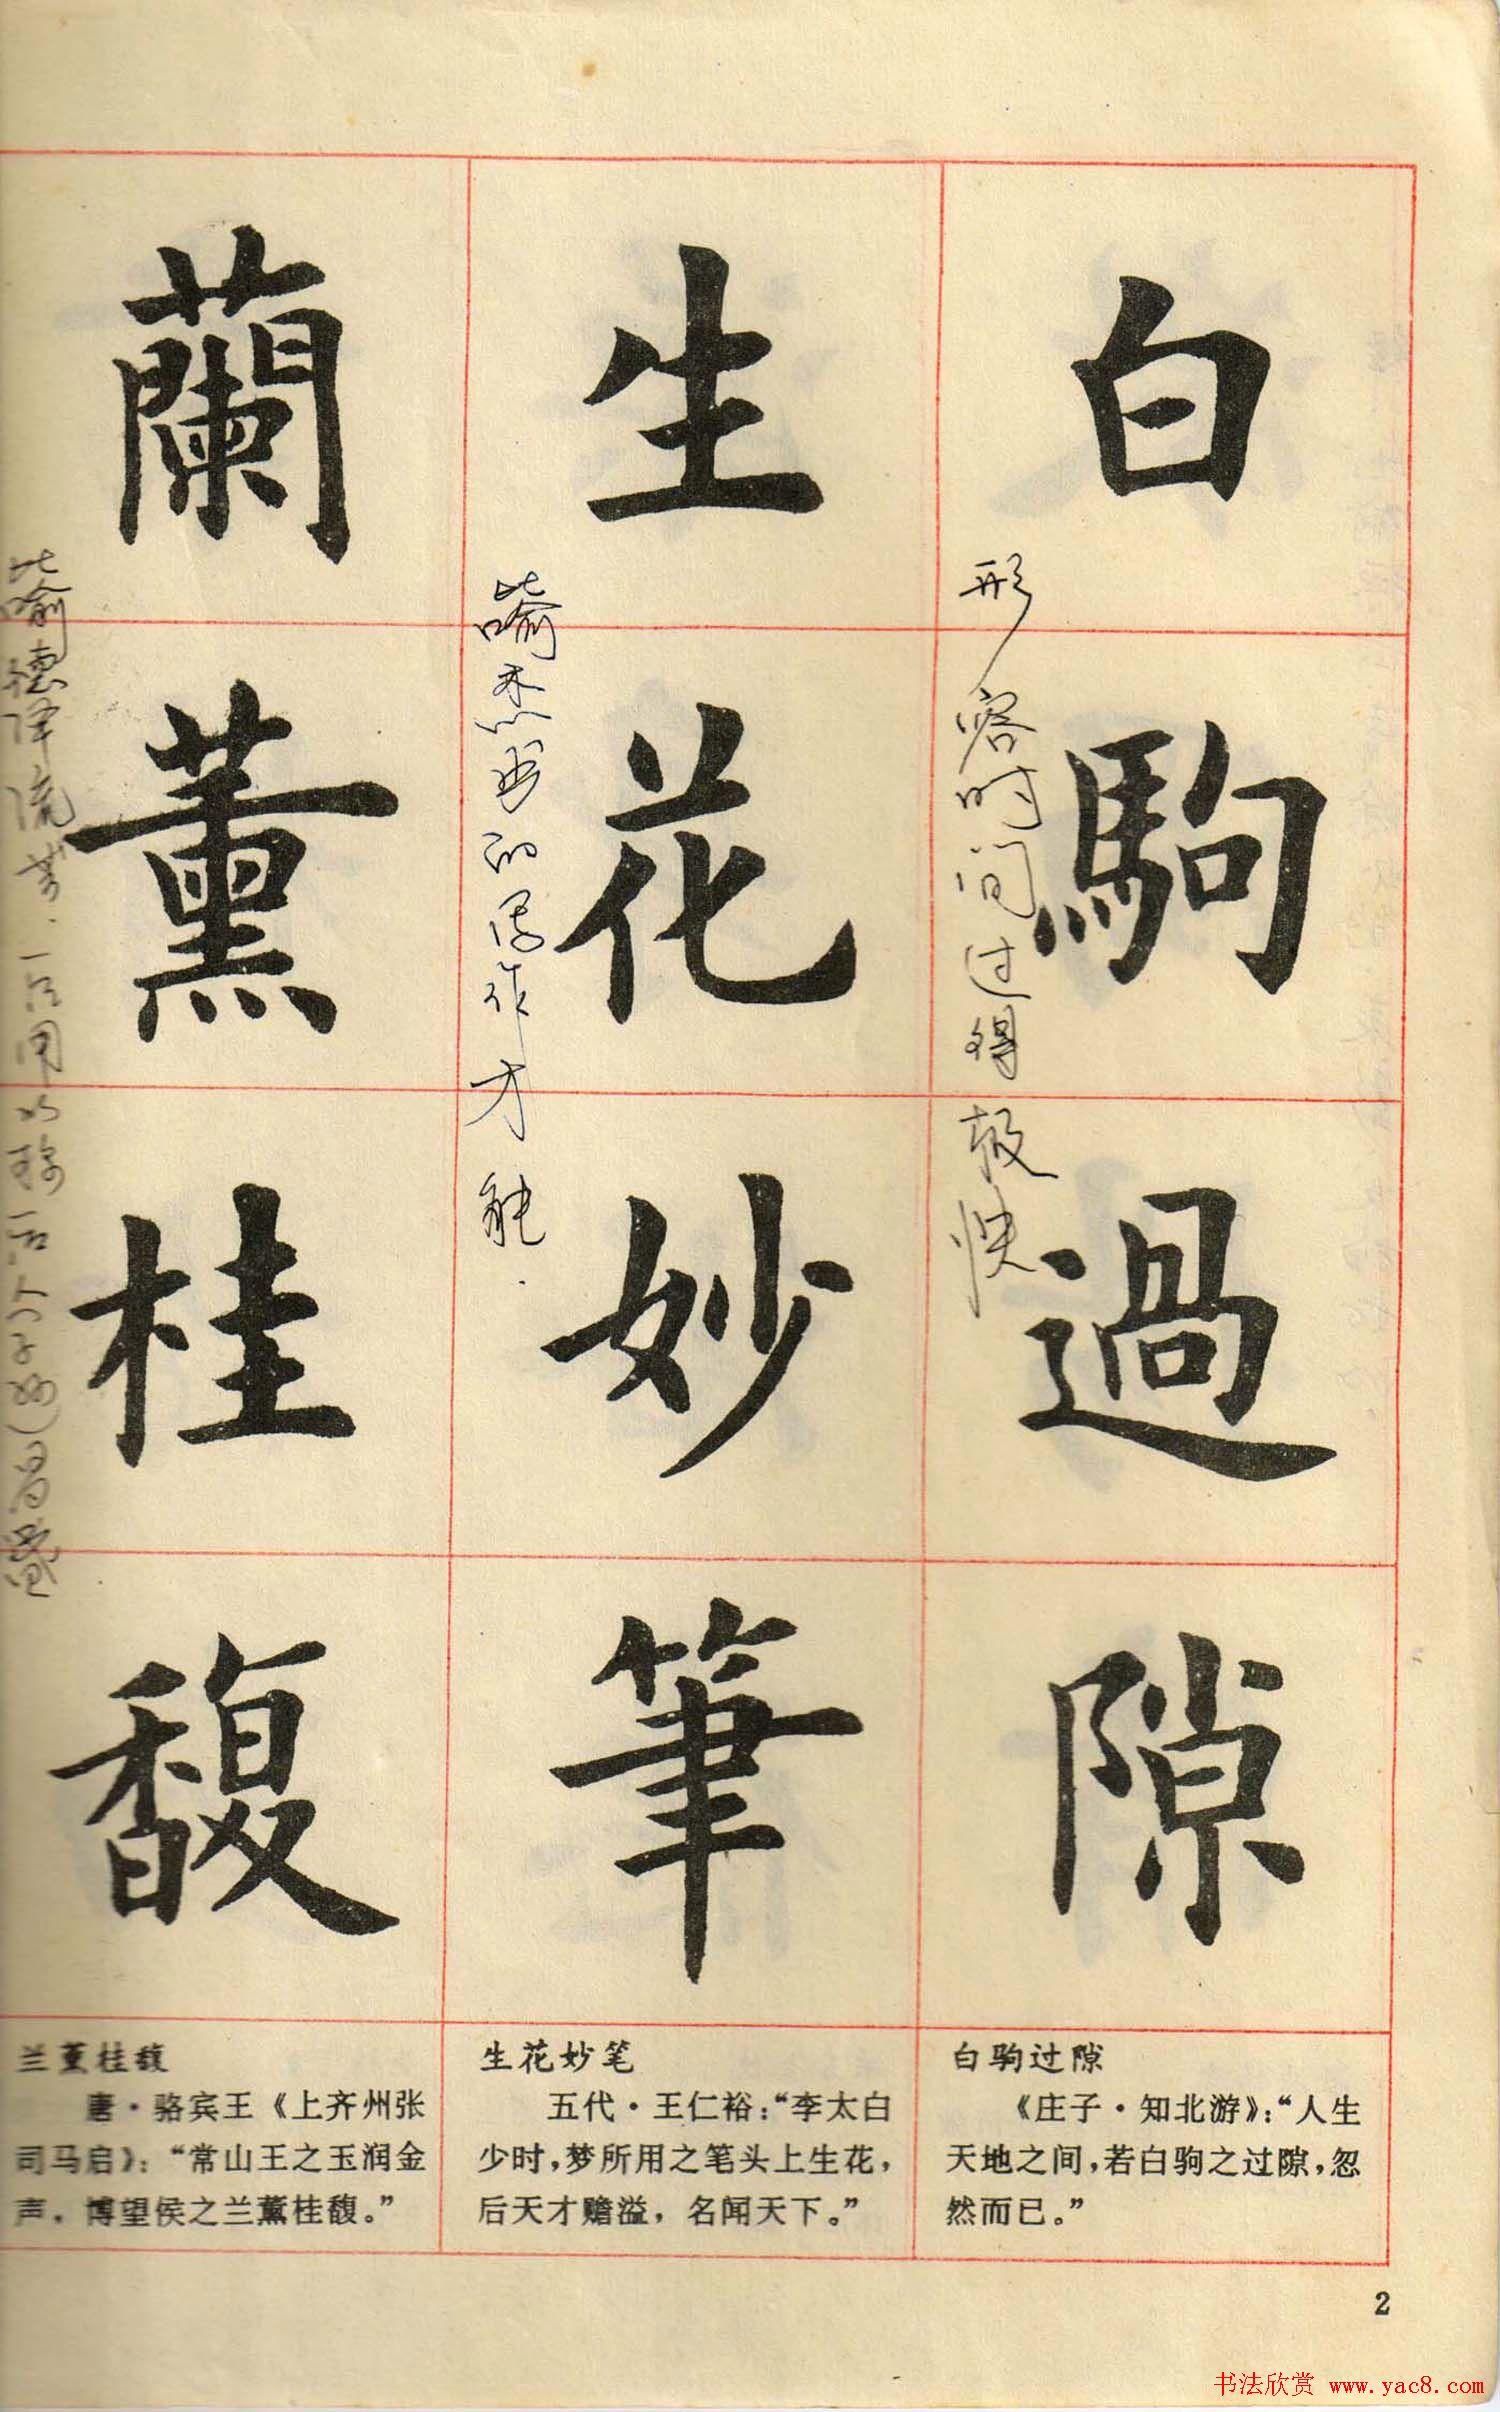 卢中南毛笔楷书字帖《中国成语300句》大图